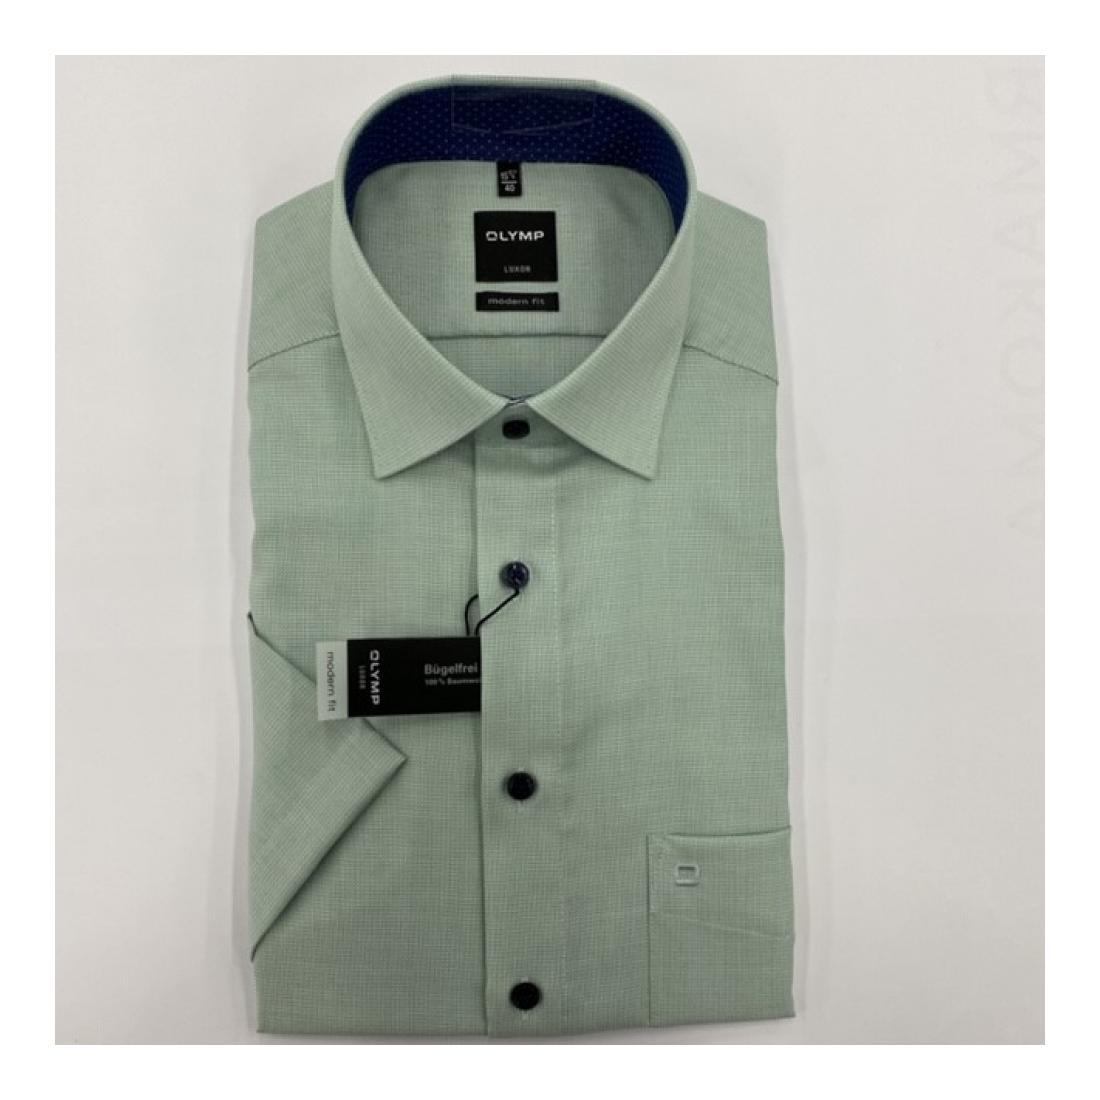 Olymp Casual Hemden Herren 1268/52 Hemden